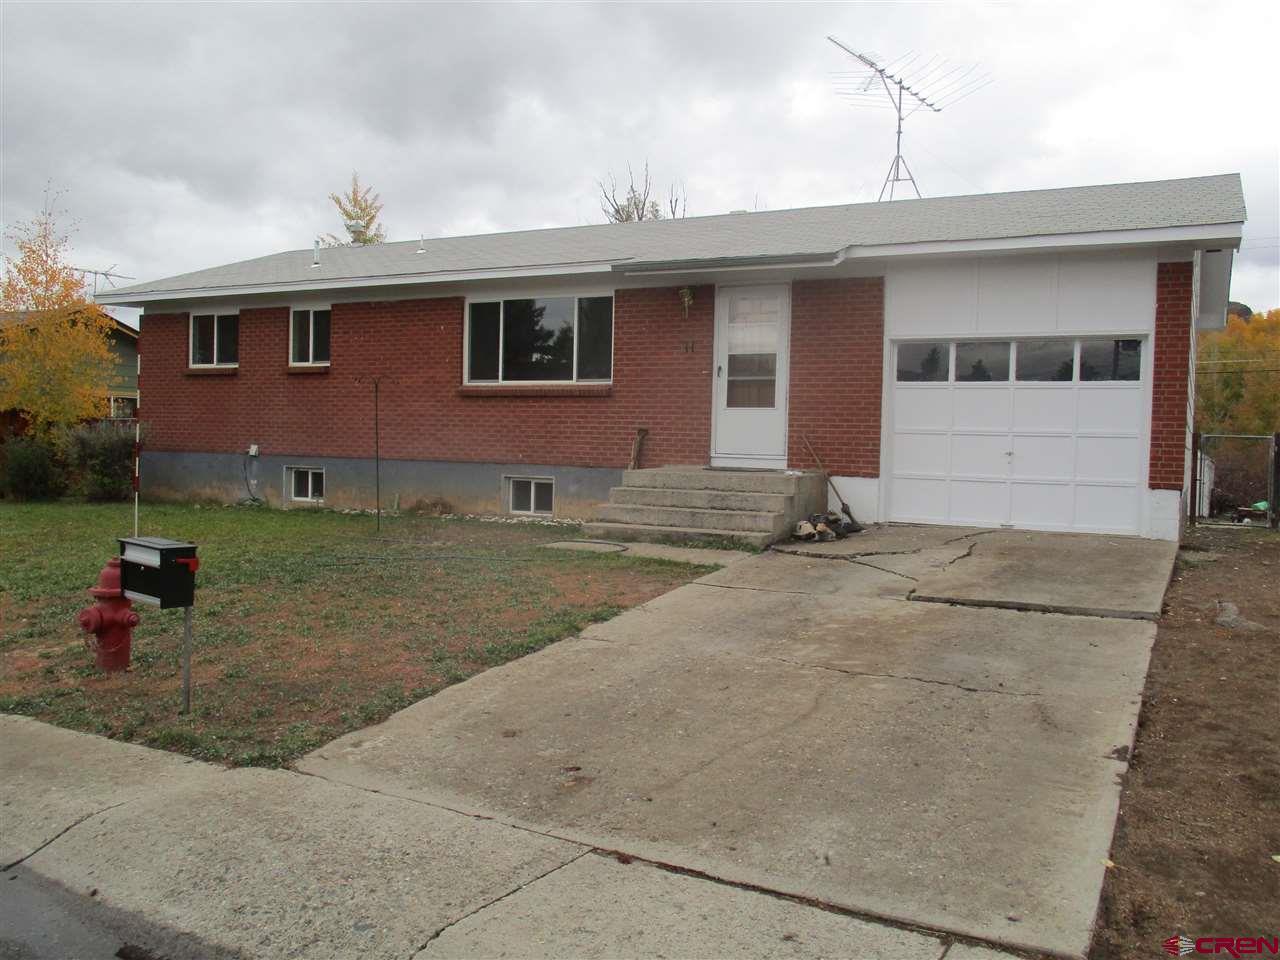 11 Irwin Street, Gunnison, CO 81230